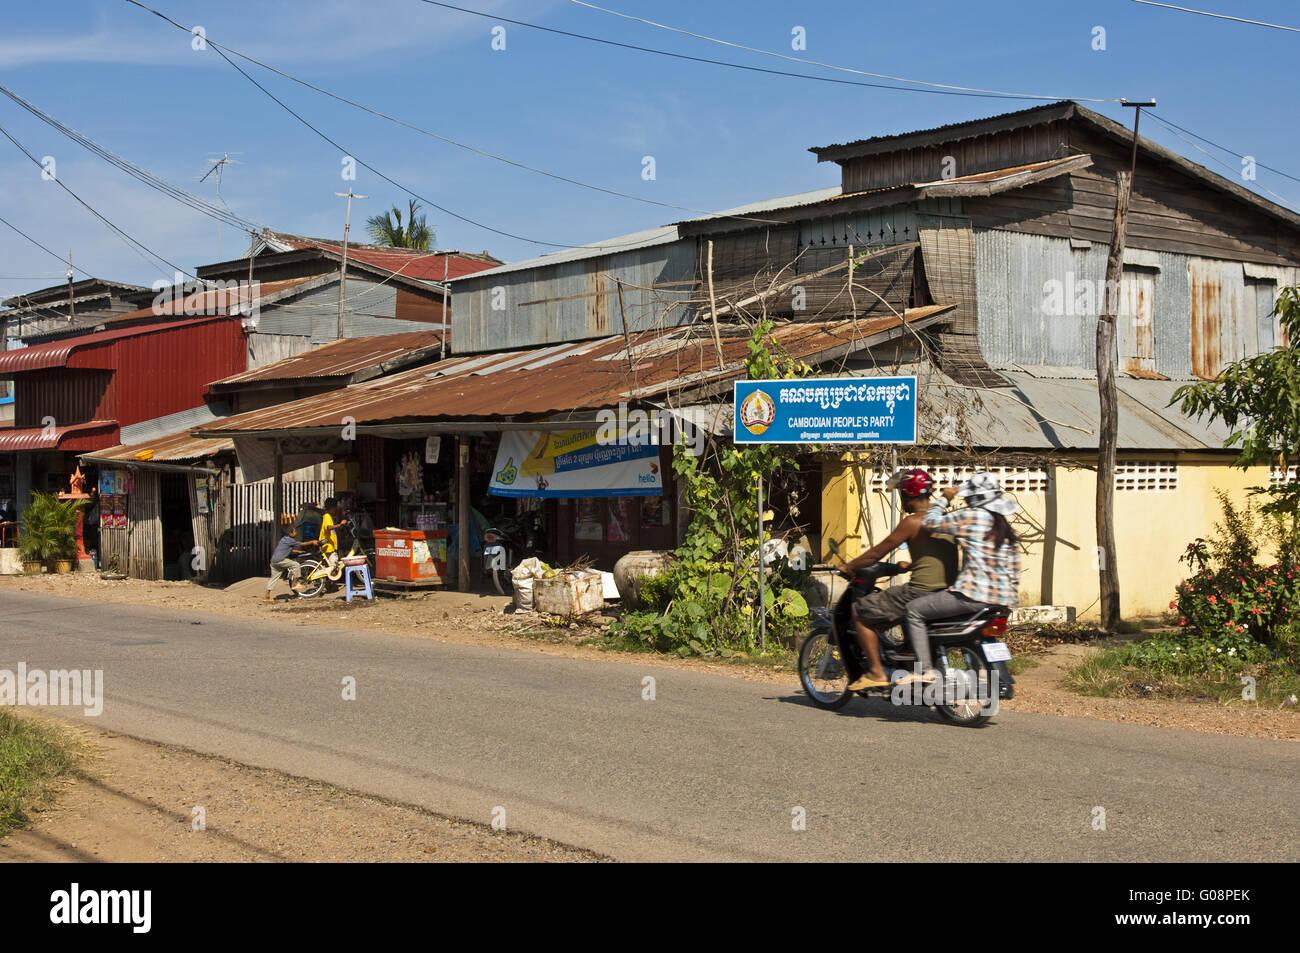 Street scene in Battambang, Cambodia Stock Photo